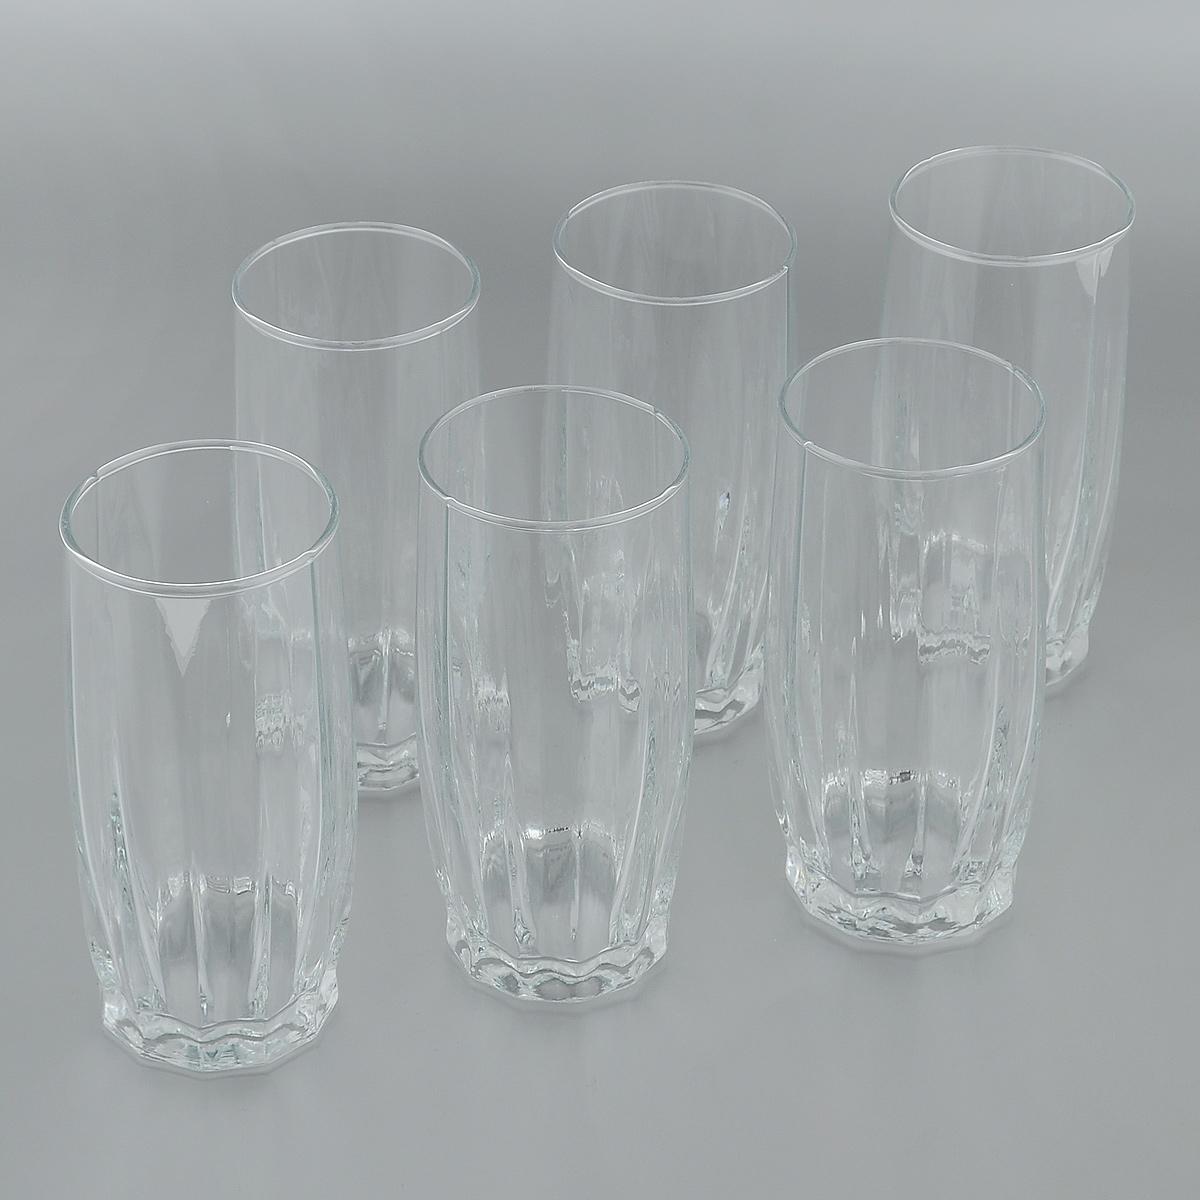 Набор стаканов для коктейлей Pasabahce Dance, 320 мл, 6 шт42868BНабор Pasabahce Dance состоит из шести стаканов, изготовленных из прочного натрий-кальций-силикатного стекла. Изделия, предназначенные для подачи коктейлей, воды, сока и других напитков, несомненно придутся вам по душе. Стаканы, оснащенные рельефной многогранной поверхностью, сочетают в себе элегантный дизайн и функциональность. Благодаря такому набору пить напитки будет еще вкуснее. Набор стаканов Pasabahce Dance идеально подойдет для сервировки стола и станет отличным подарком к любому празднику. Можно мыть в посудомоечной машине и использовать в микроволновой печи. Диаметр стакана по верхнему краю: 6 см. Высота стакана: 14 см.